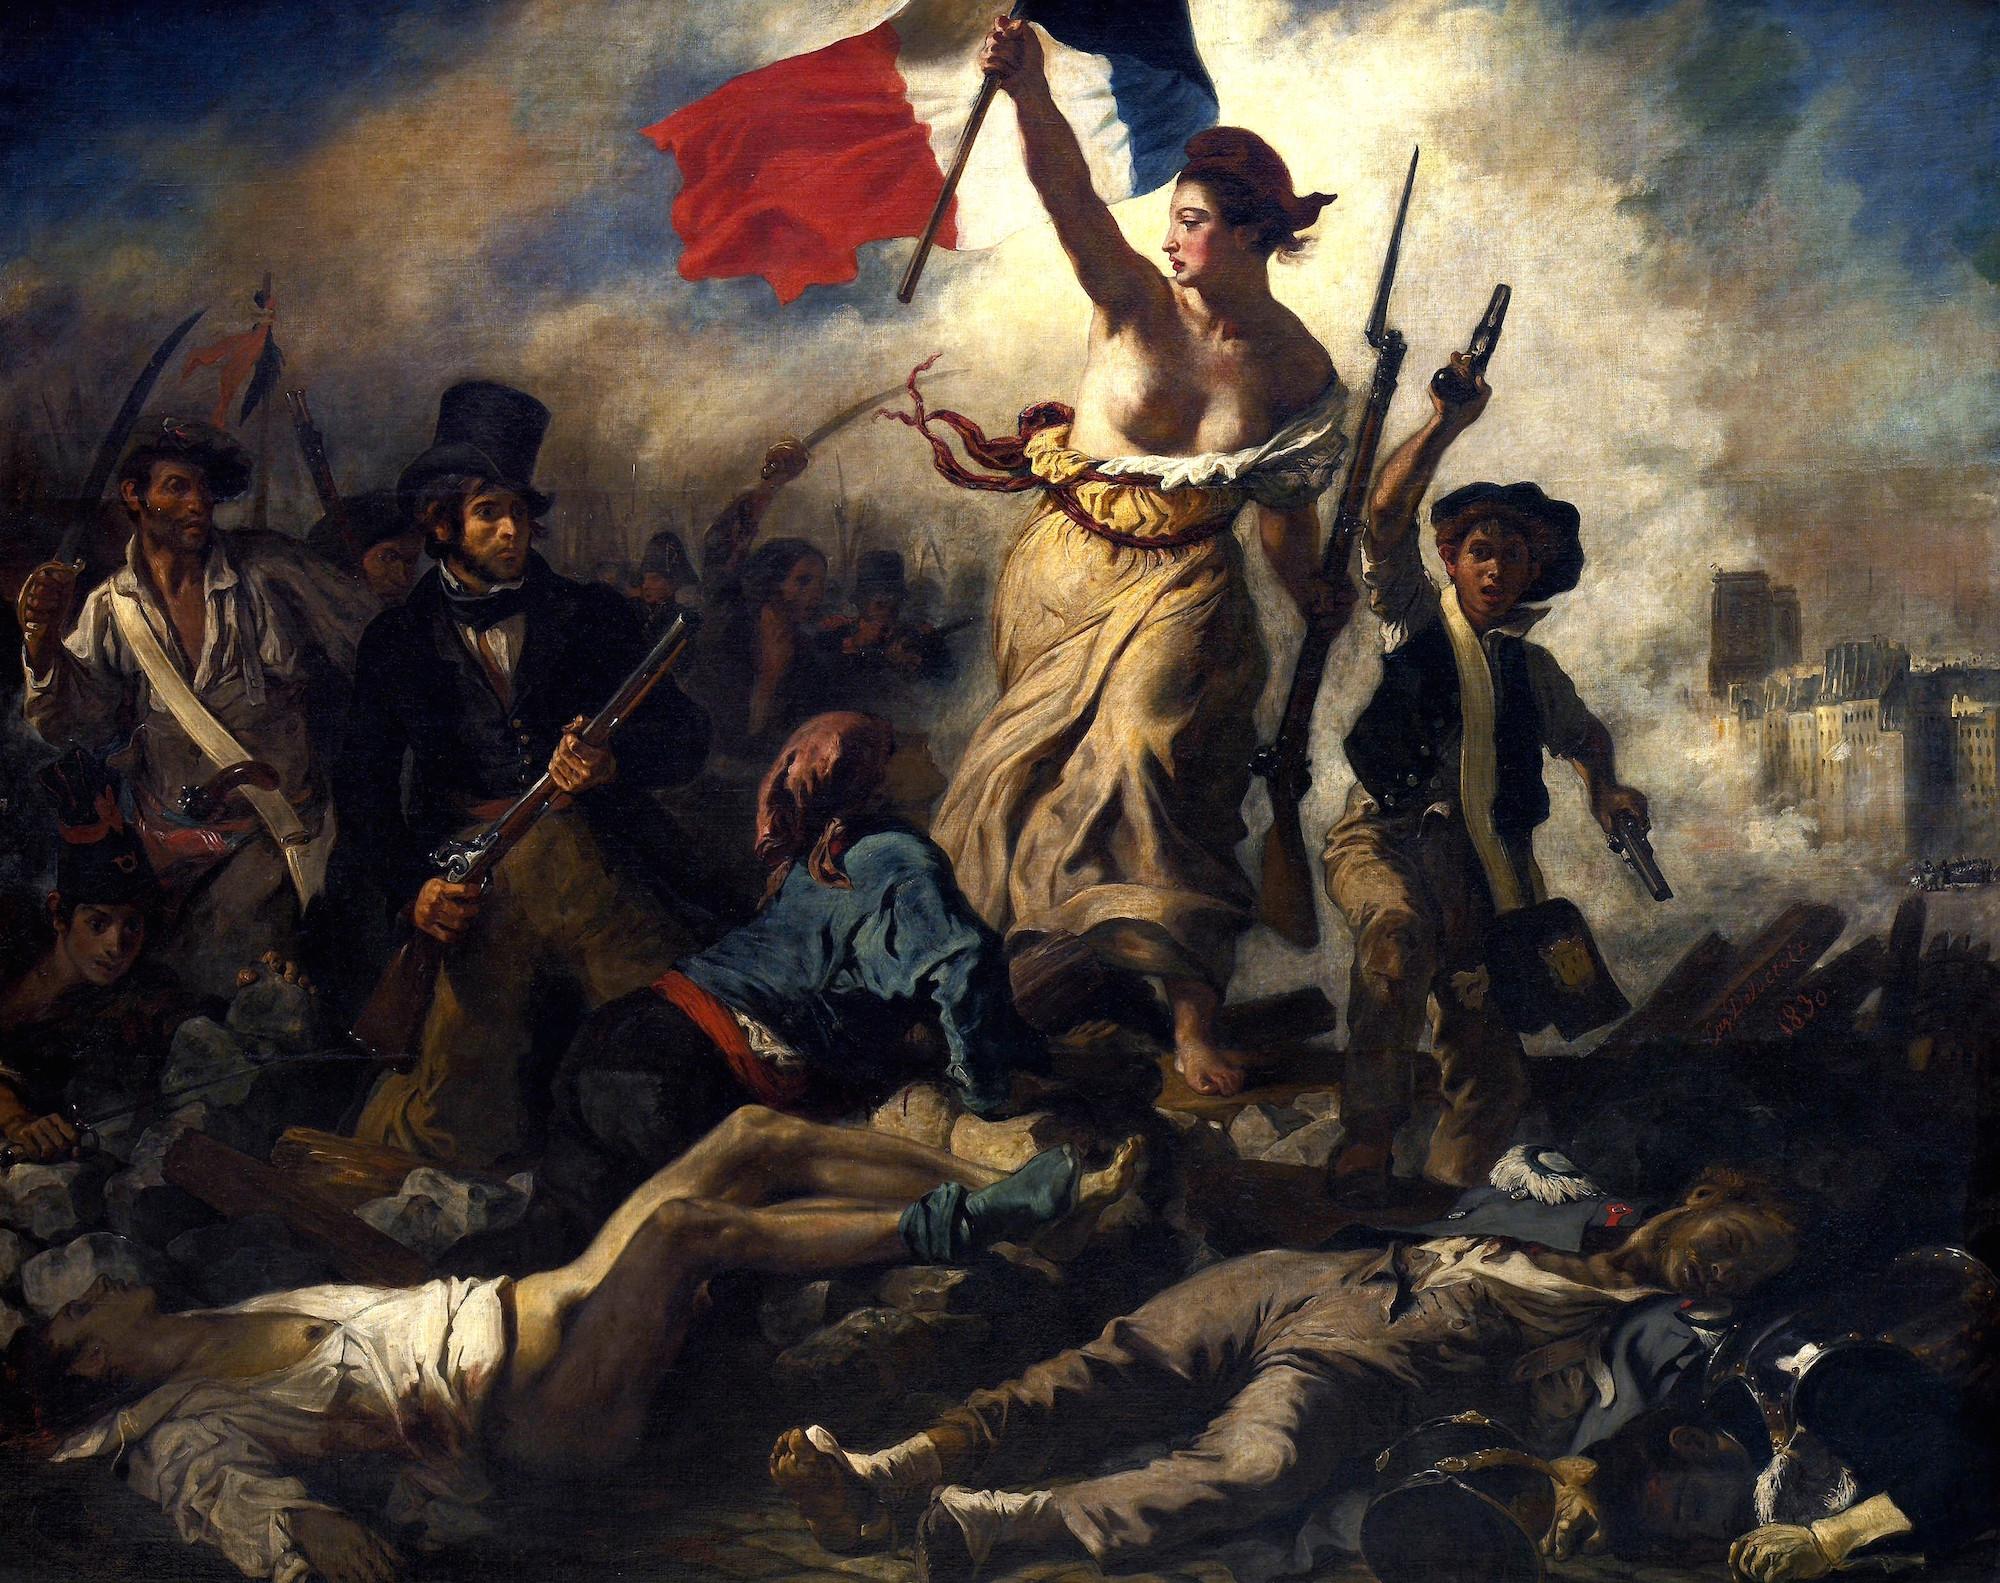 Delacroix public domain